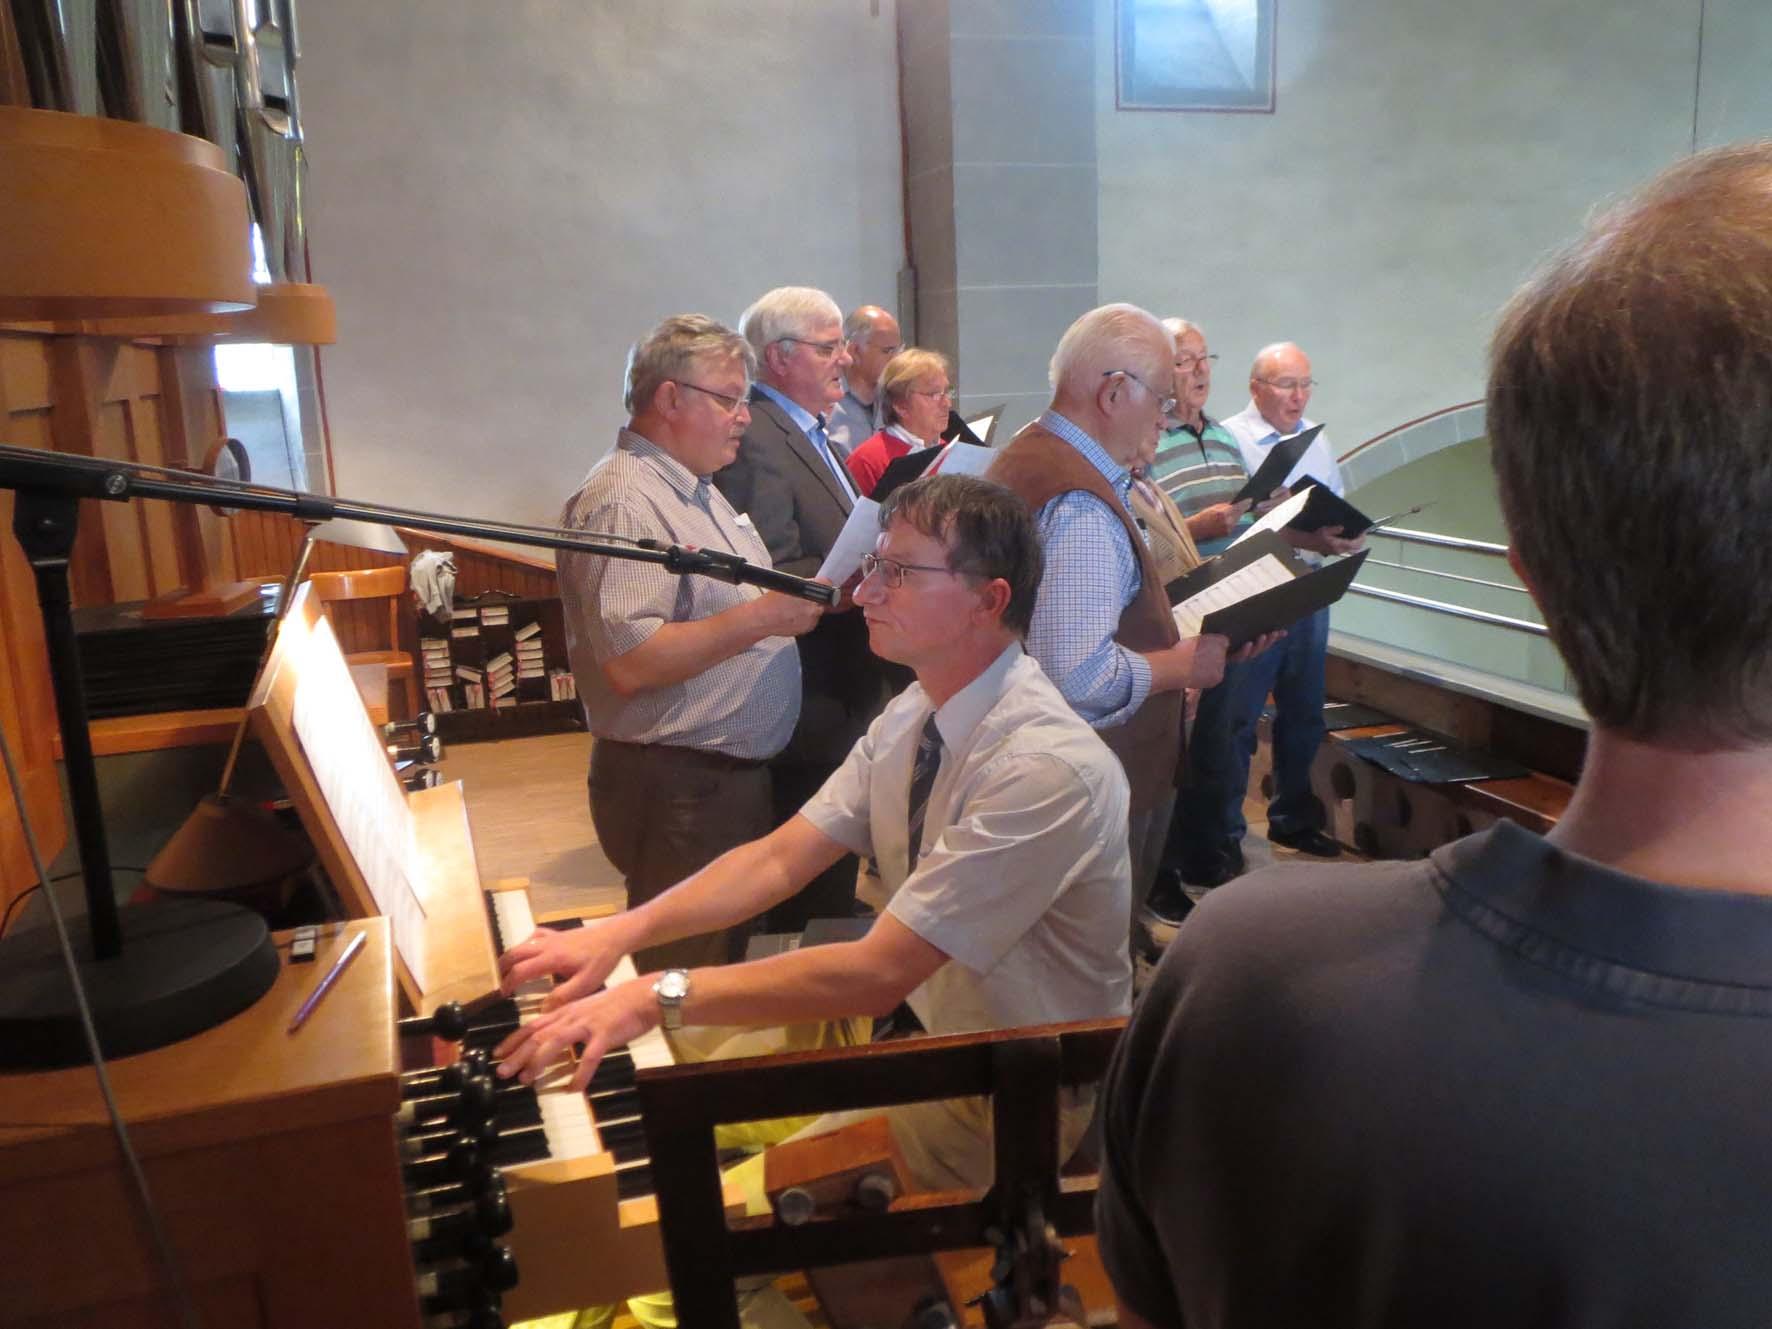 Dr. Hofmann an der Orgel